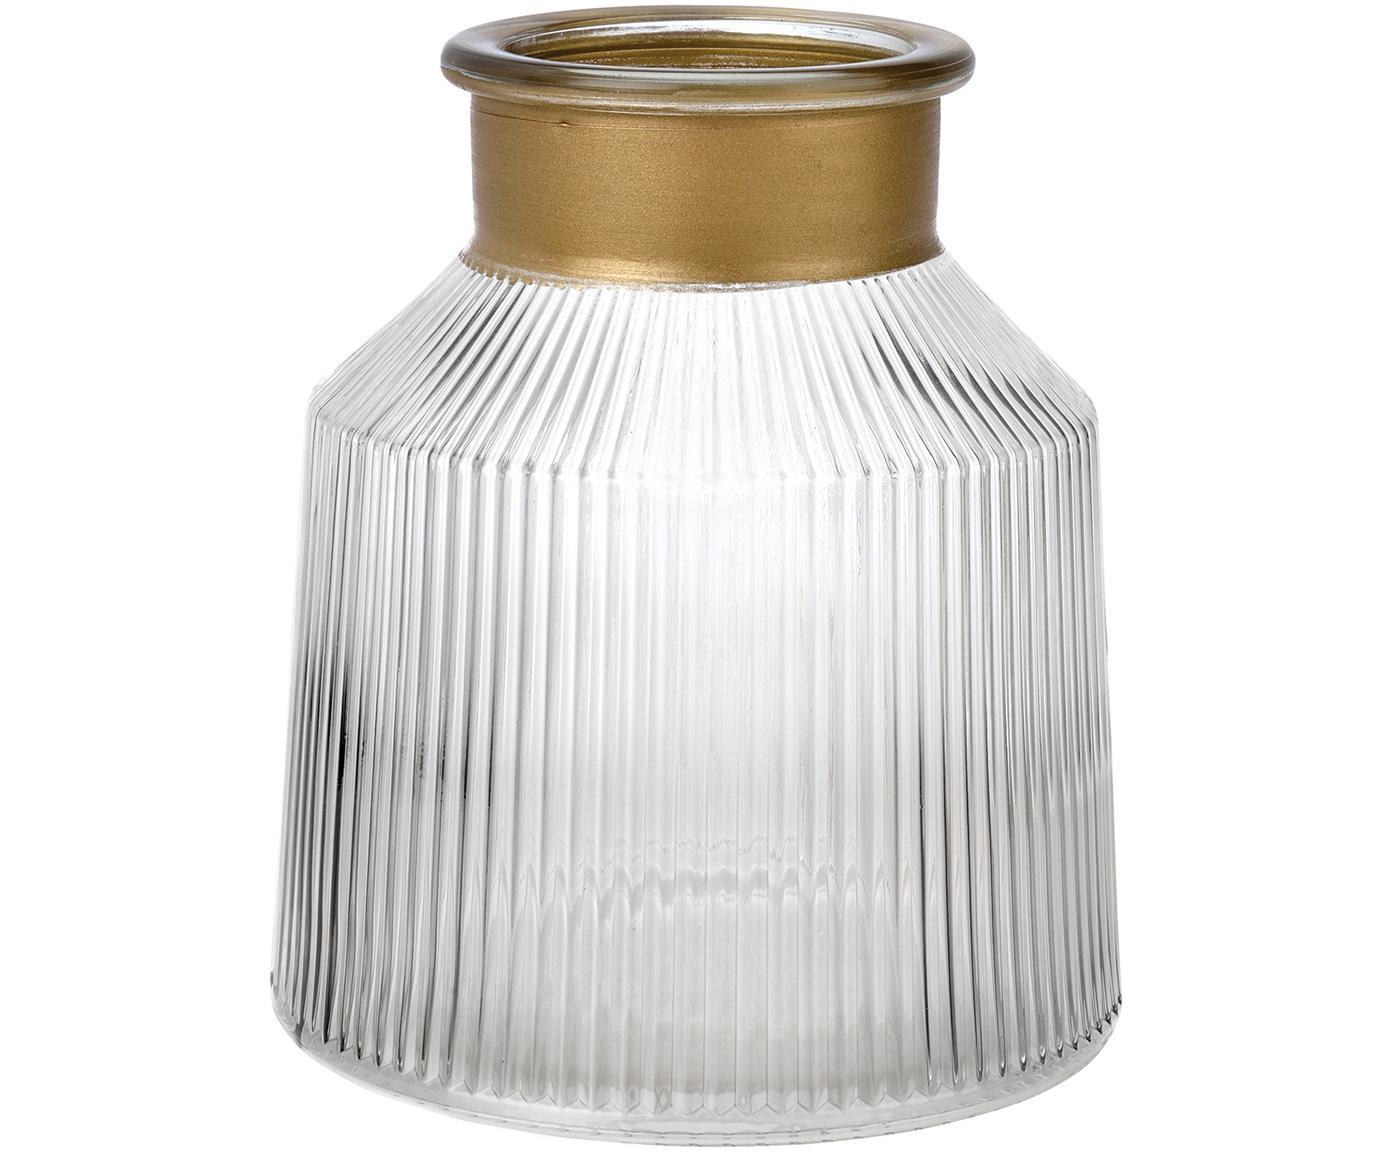 Wazon ze szkła Junyell, Odcienie złotego, transparentny, Ø 14 x W 16 cm